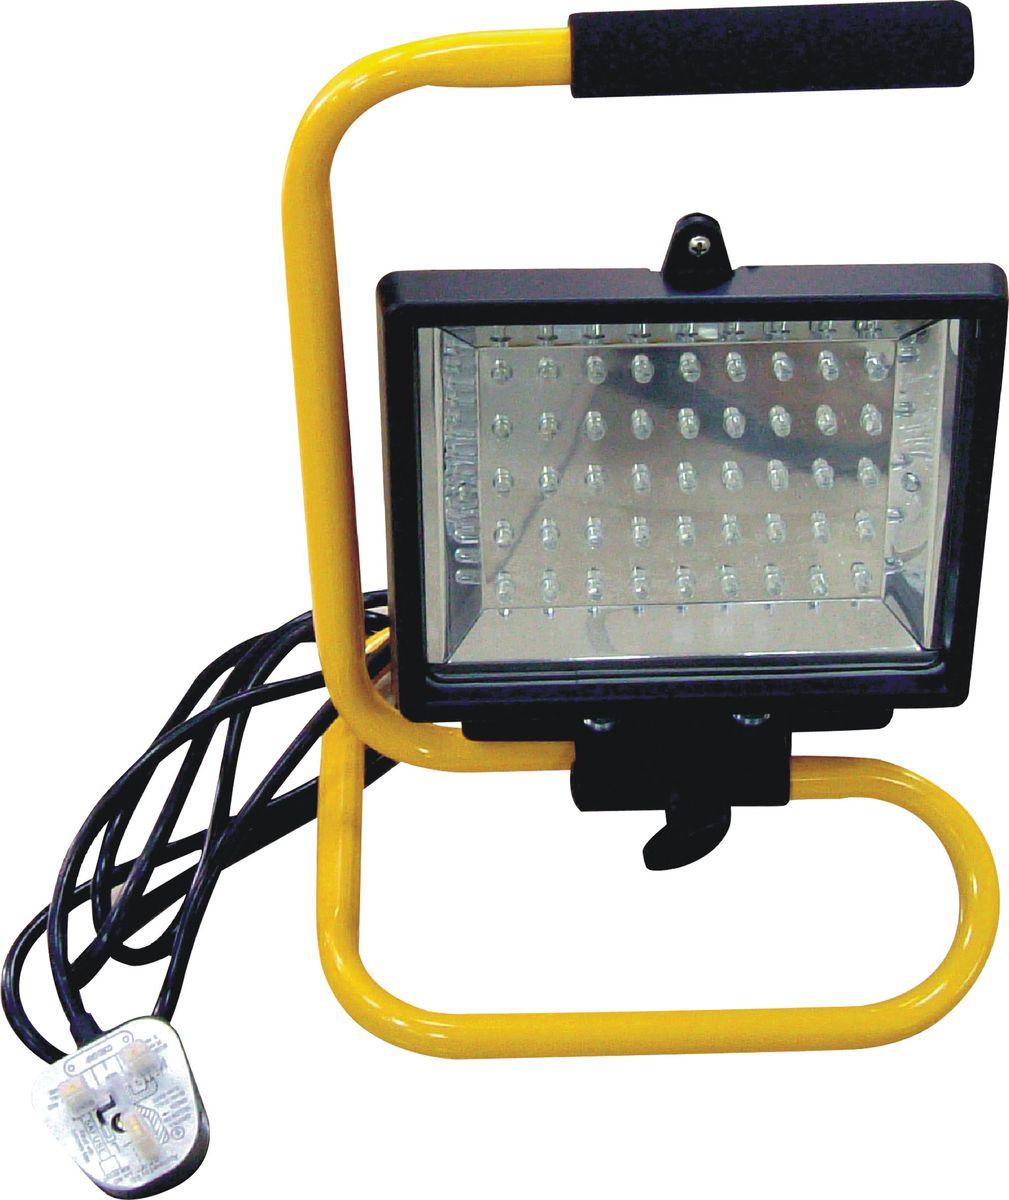 Лампа-прожектор гаражная Zipower, светодиодная. PM 4257C0038550Лампа-прожектор Zipower предназначена для локального освещения в гаражах, на парковках, в складских помещения, ангарах, подъездах. Прожектор обеспечивает мощный световой поток, позволяет экономить электроэнергию благодаря использованию 45 современных светодиодов. Изделие устойчиво к перепадам напряжения и может храниться при температуре от –40°С до +50°C. Надежный и устойчивый корпус оснащен рукояткой для переноса.Количество светодиодов: 45.Длина электрического кабеля: 1,8 м